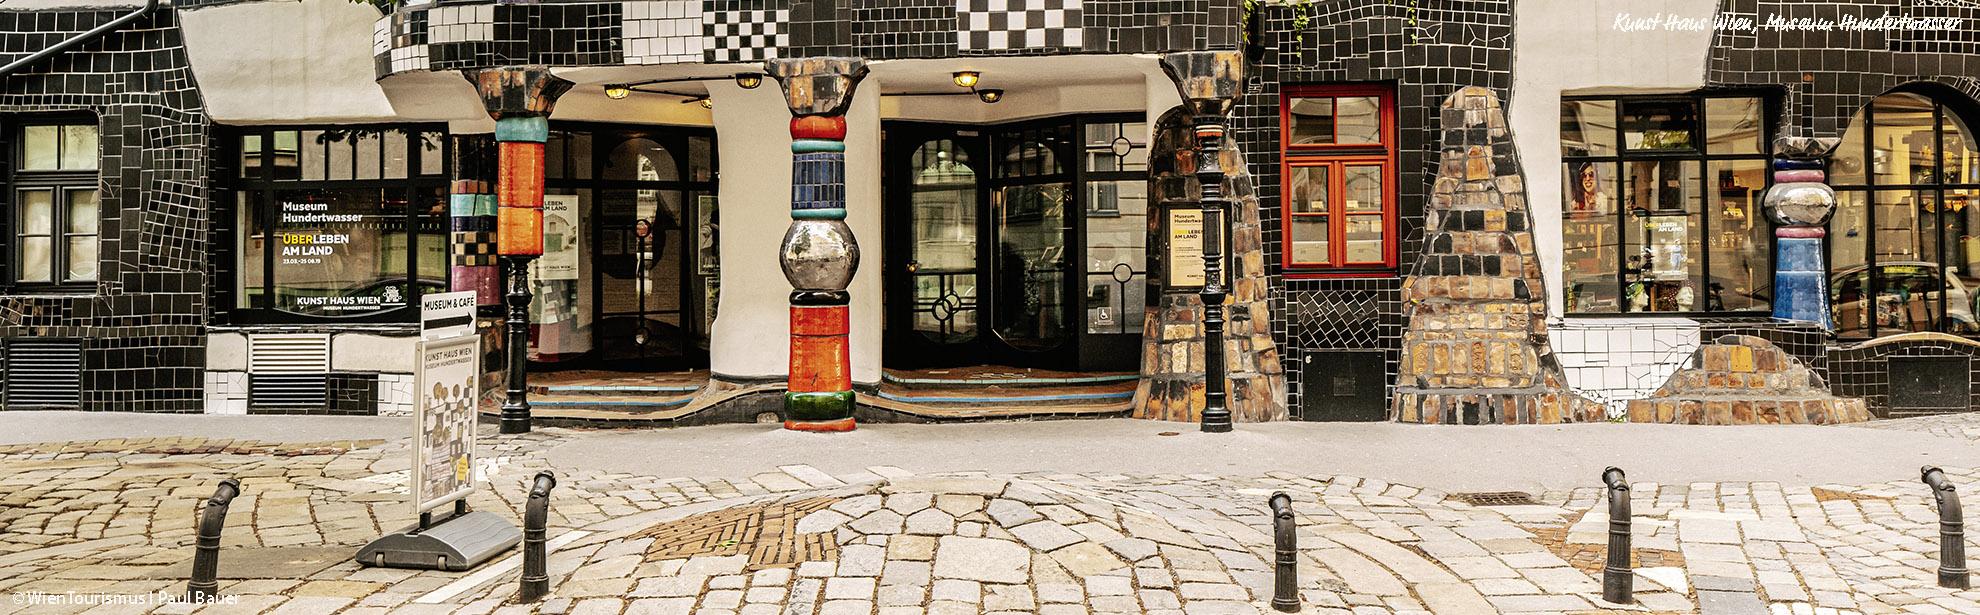 OWien-Toruismus_Paul-Bauer_Kunst_Haus_Wien_Museum_Hundertwasser_50870